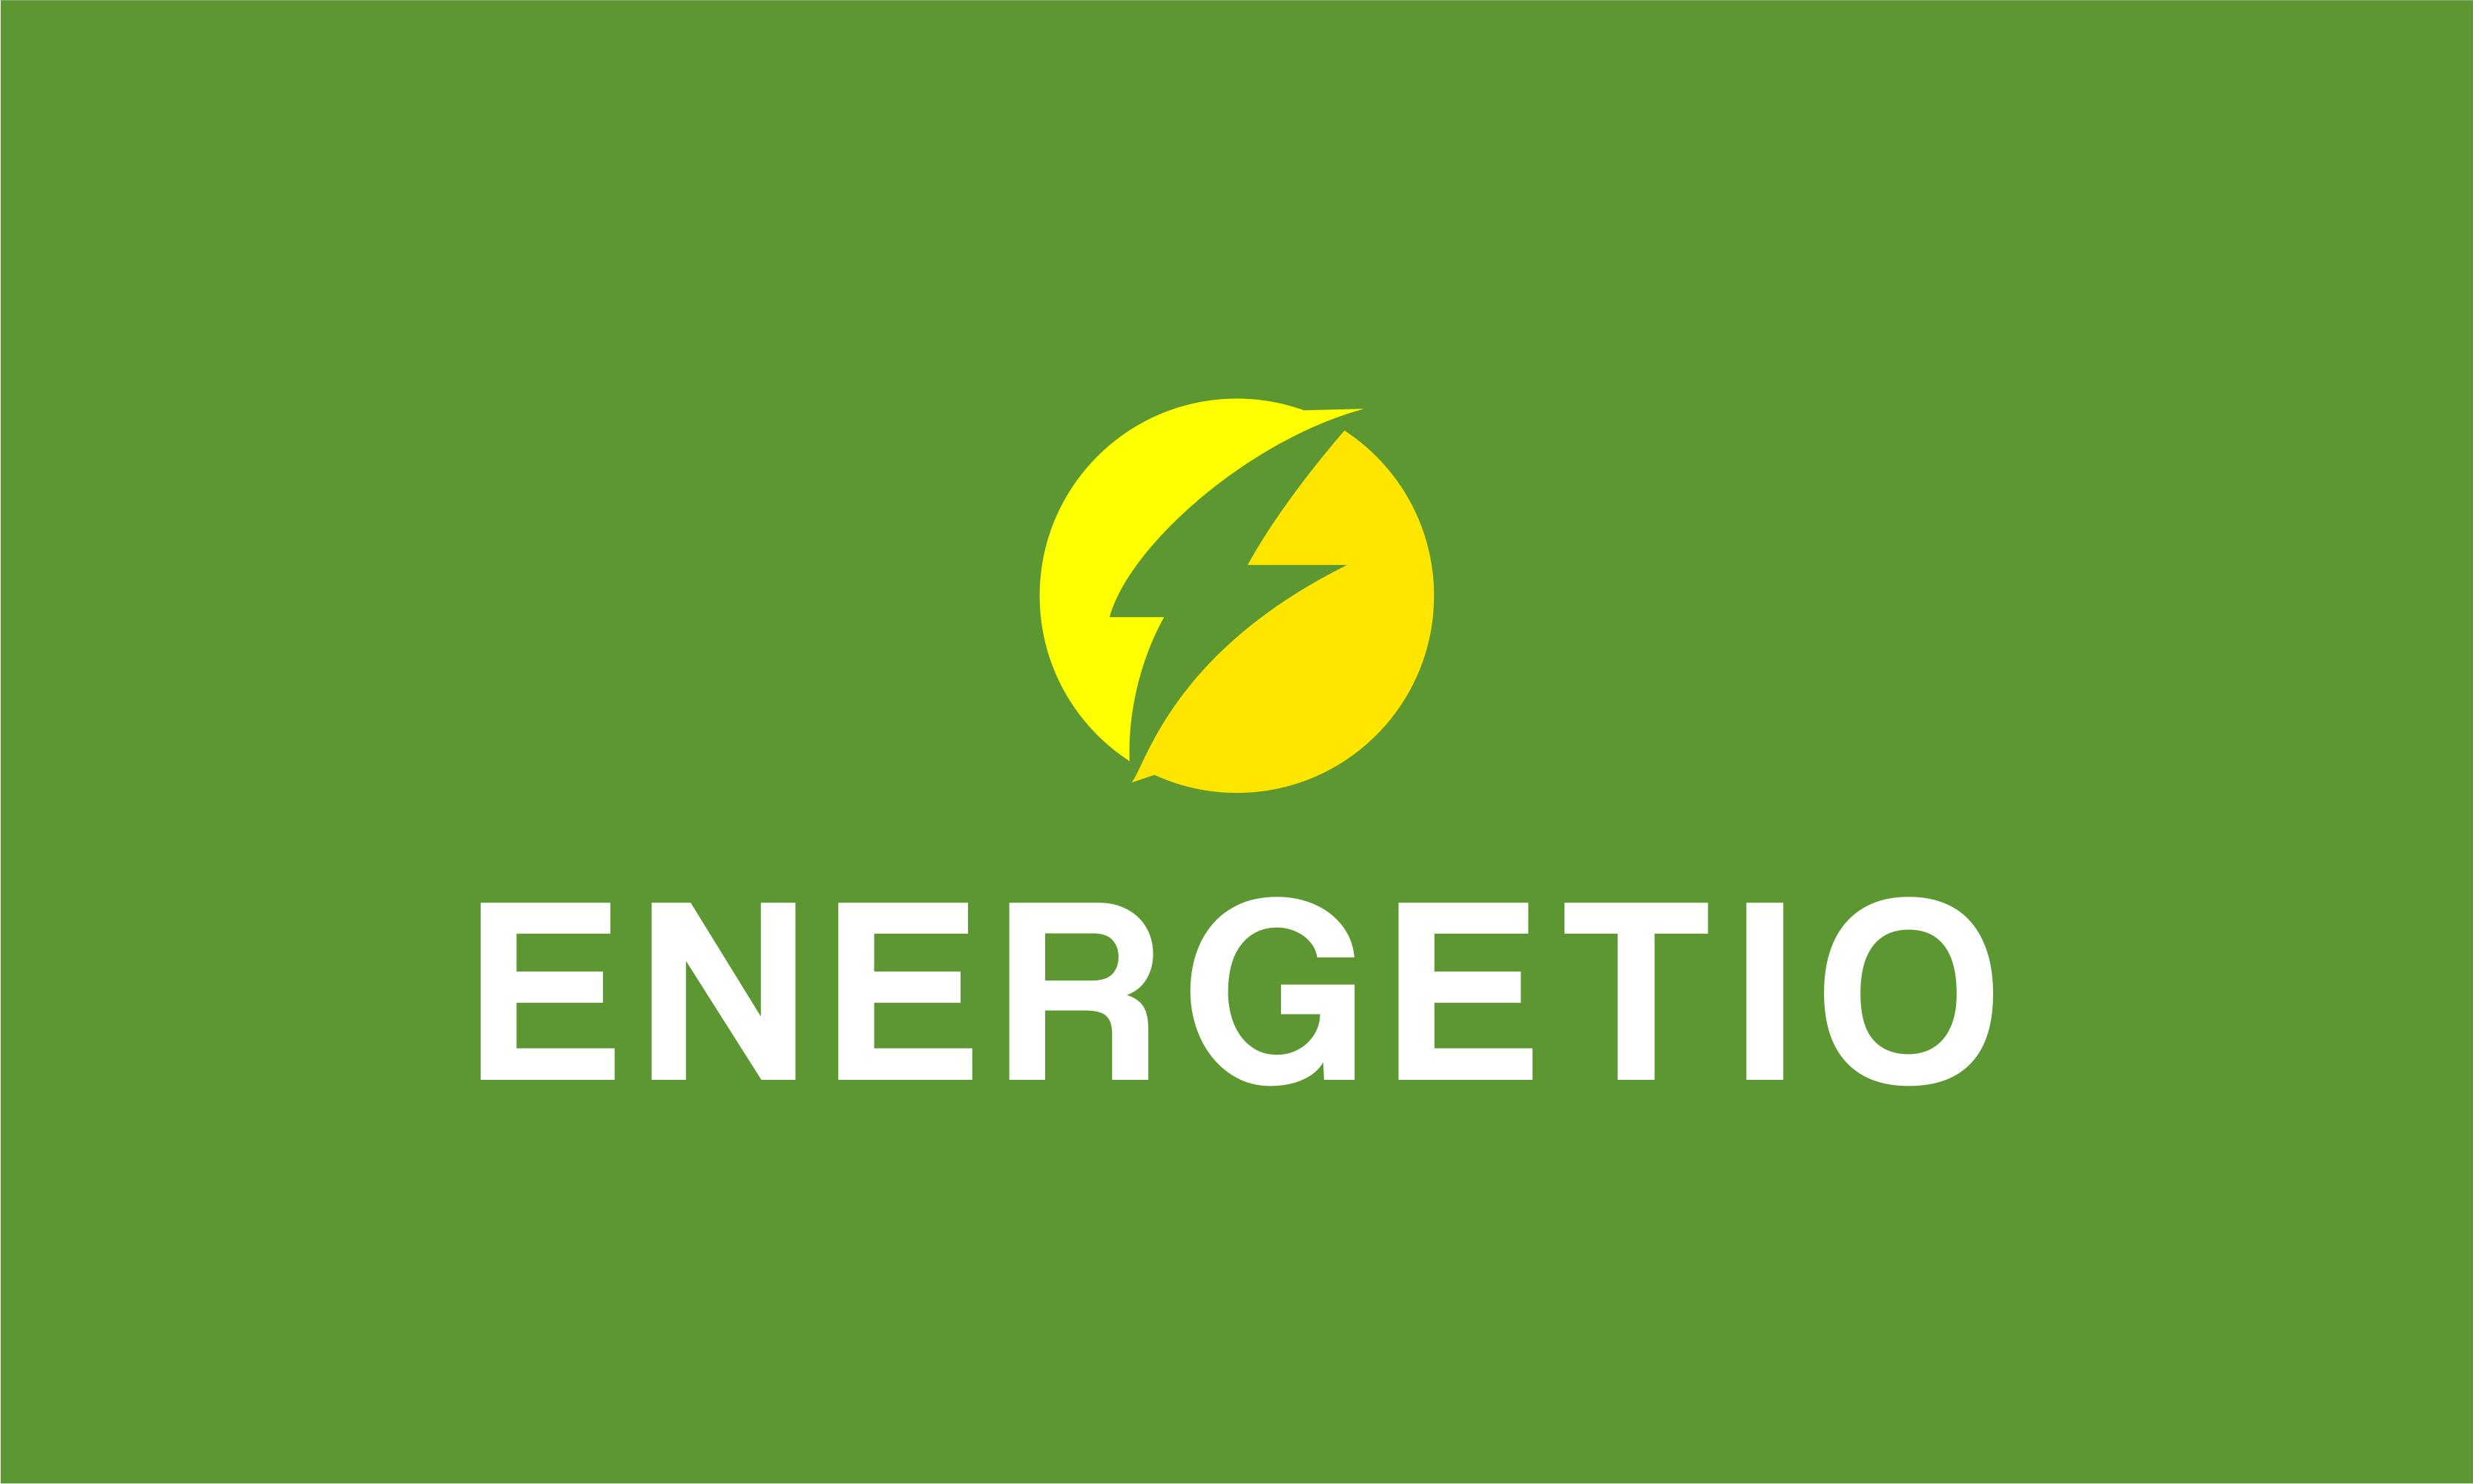 Energetio